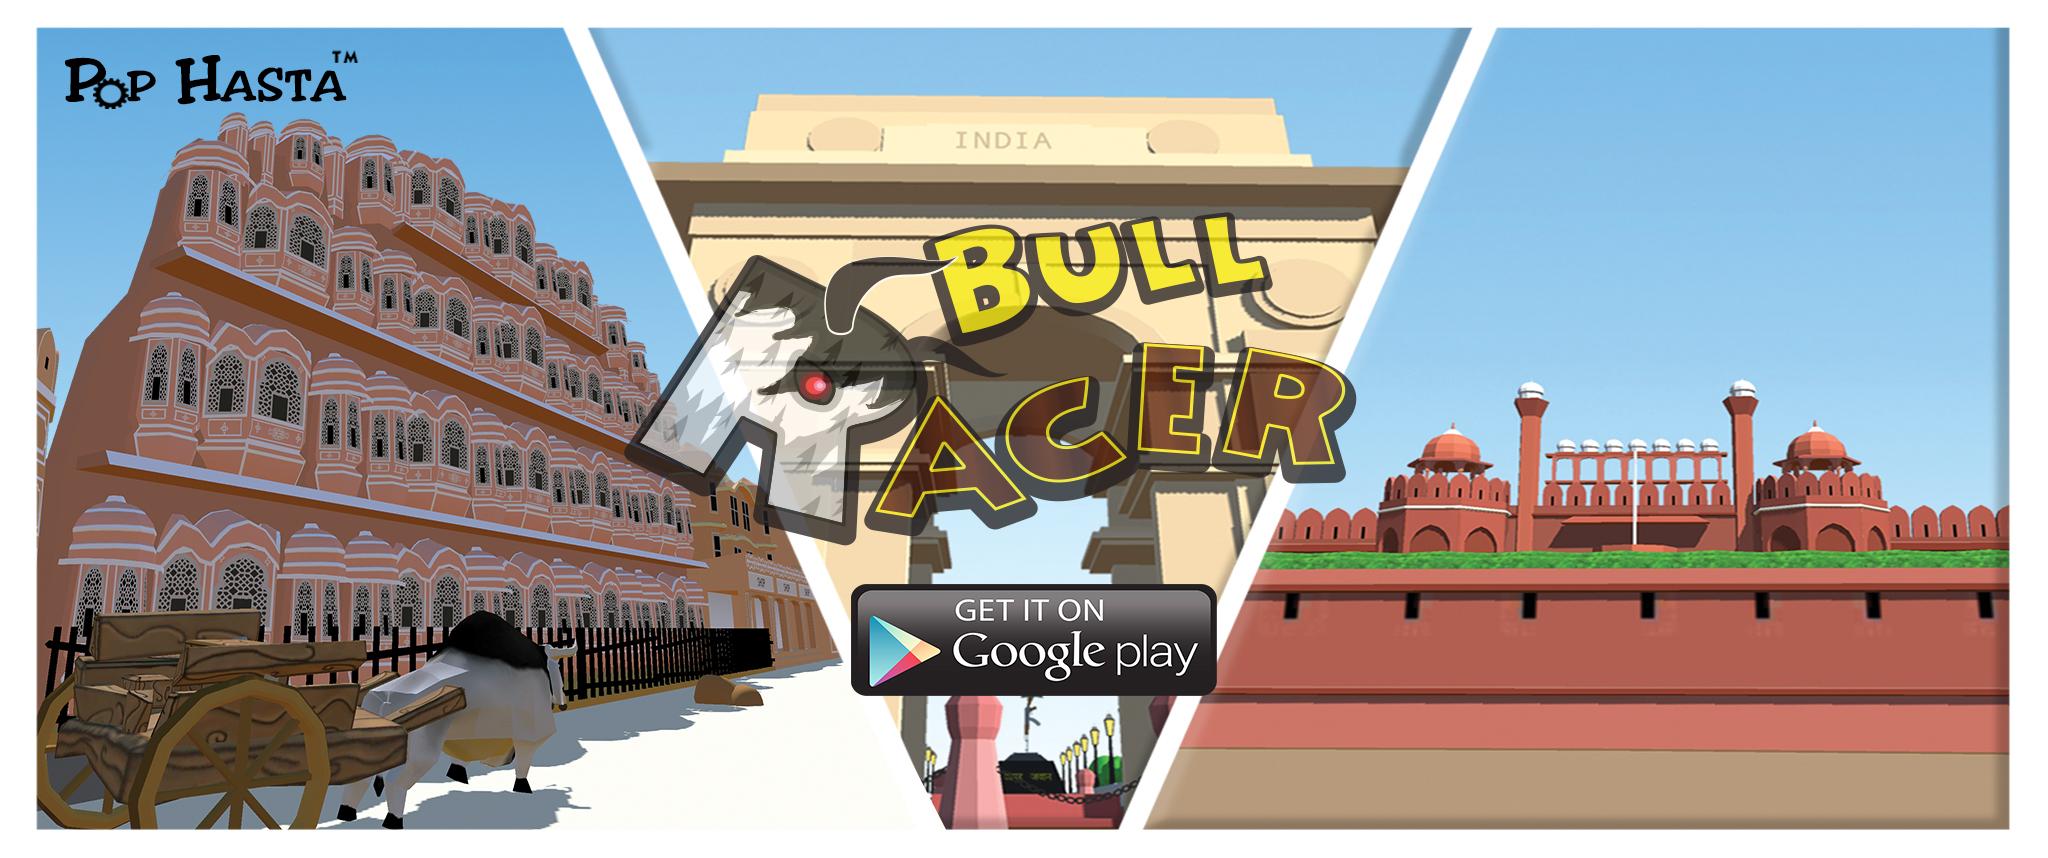 Bull Racer